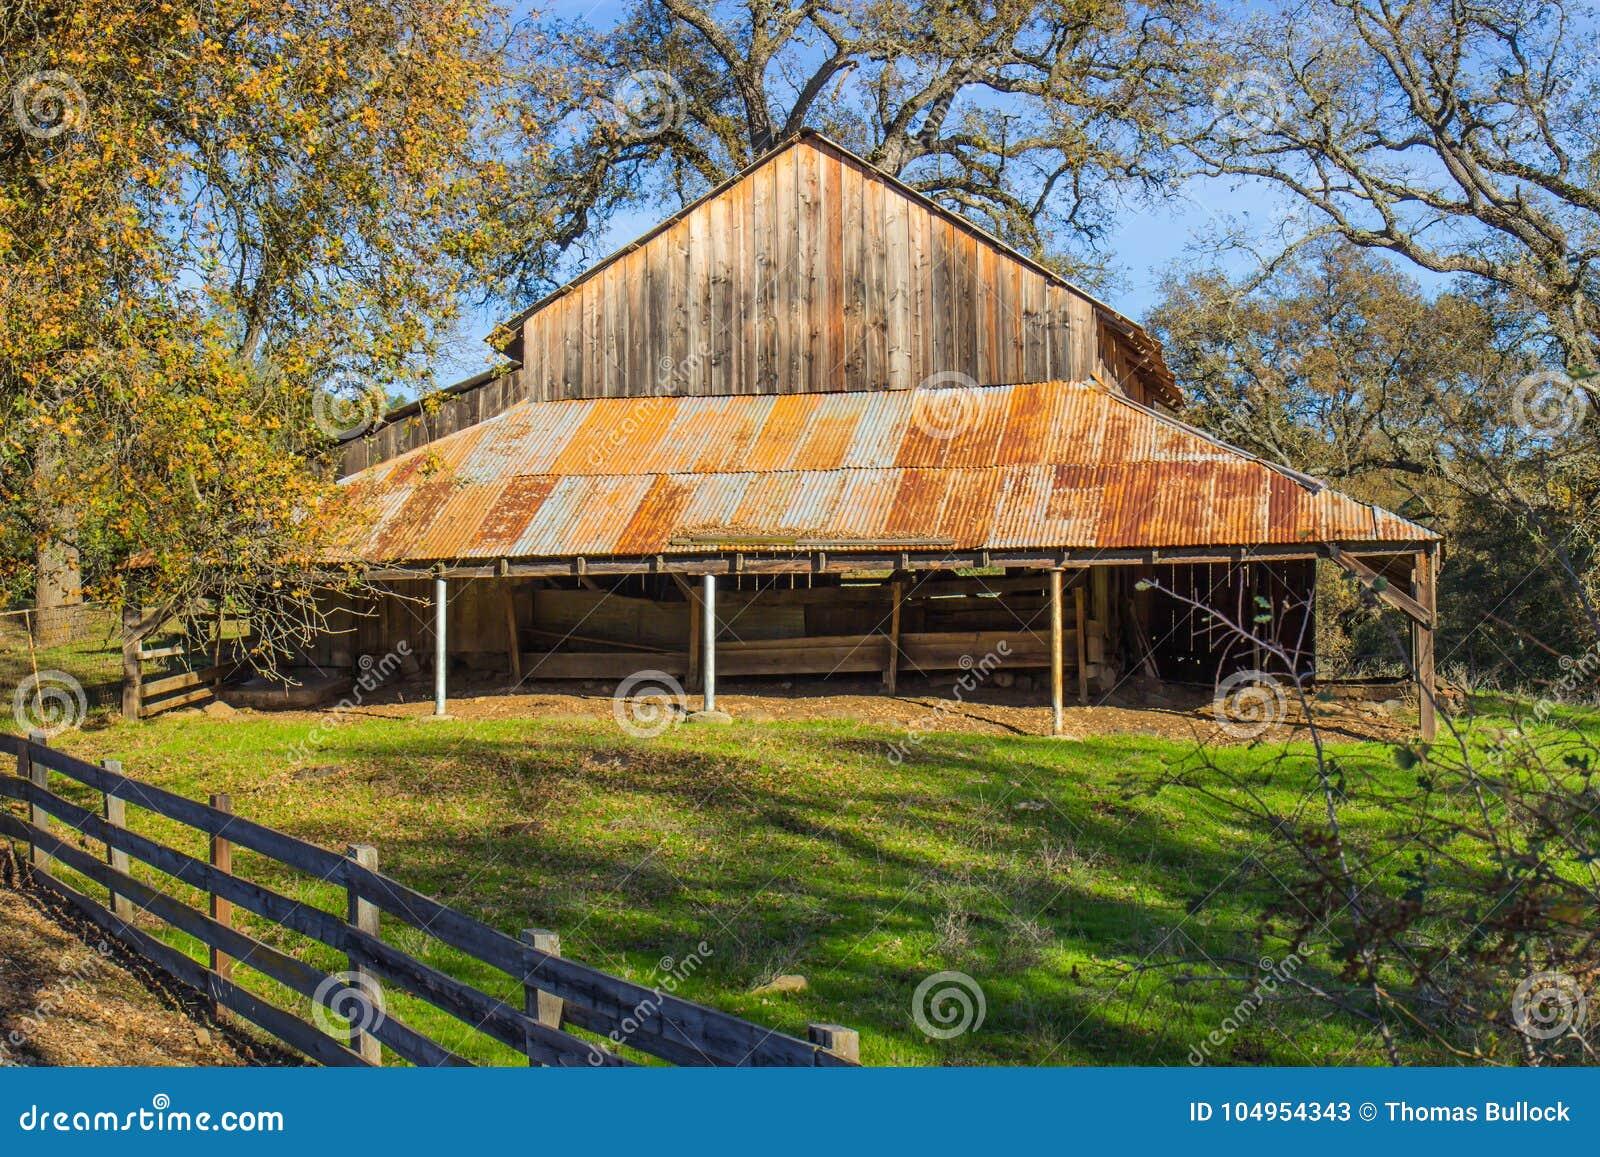 Εκλεκτής ποιότητας ξύλινη σιταποθήκη με τη σκουριασμένη στέγη κασσίτερου